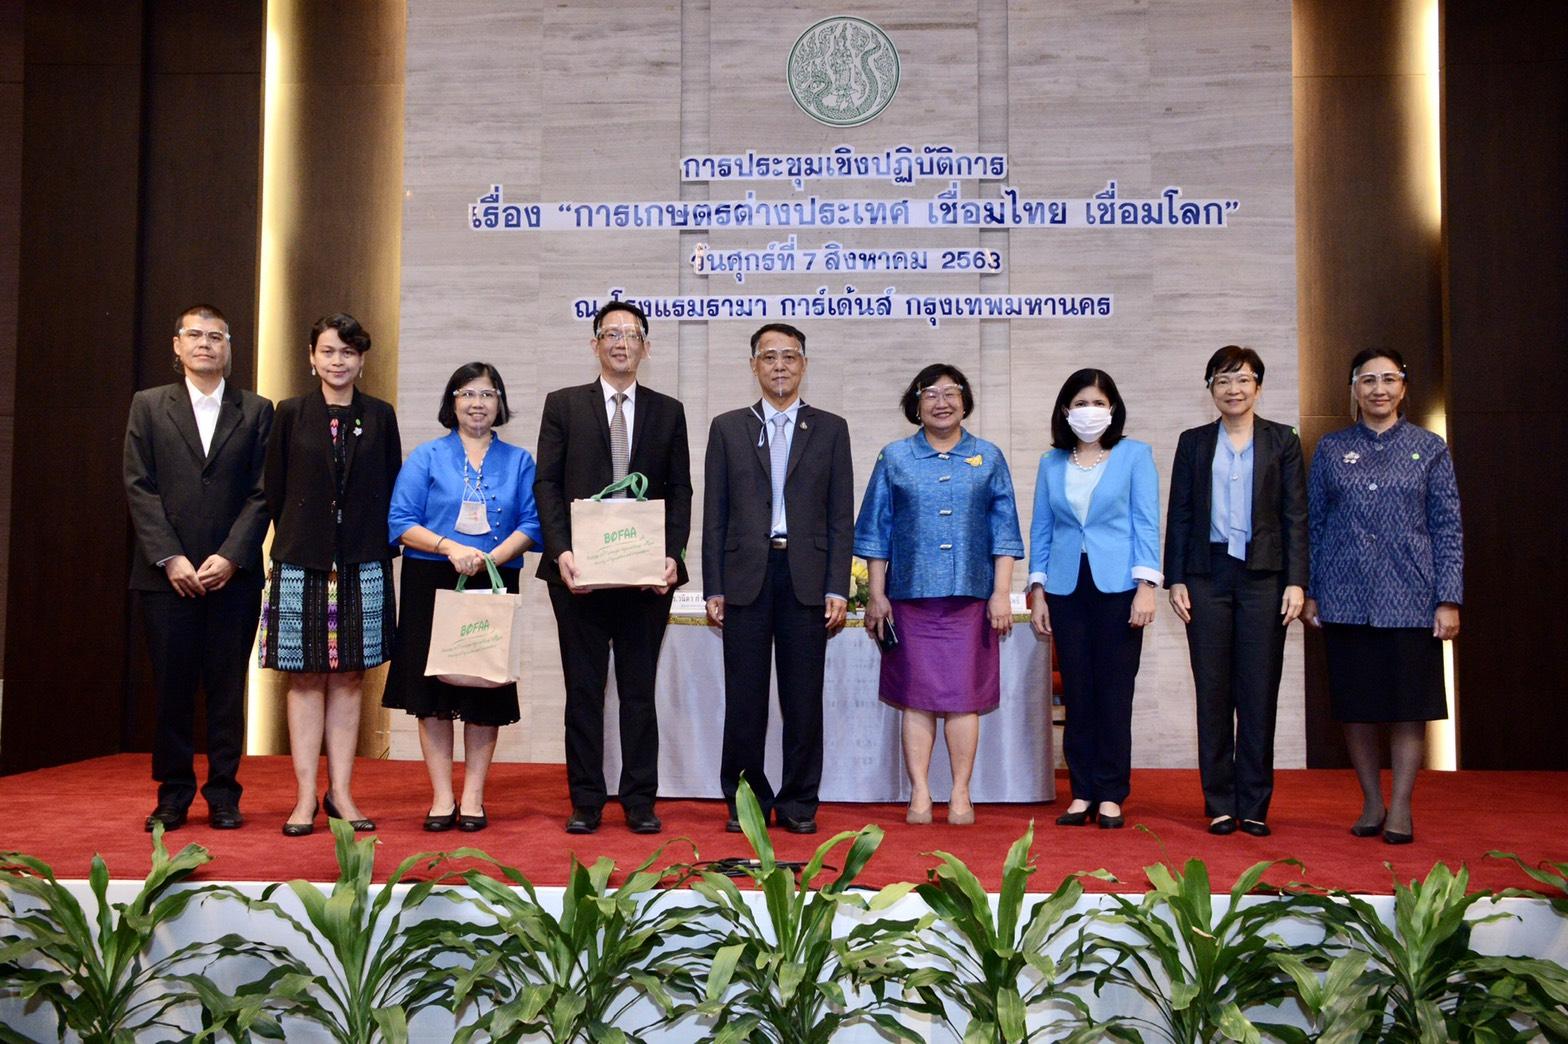 """กระทรวงเกษตรฯ เปิดประชุมเชิงปฏิบัติการ เรื่อง """"การเกษตรต่างประเทศ เชื่อมไทย เชื่อมโลก"""""""